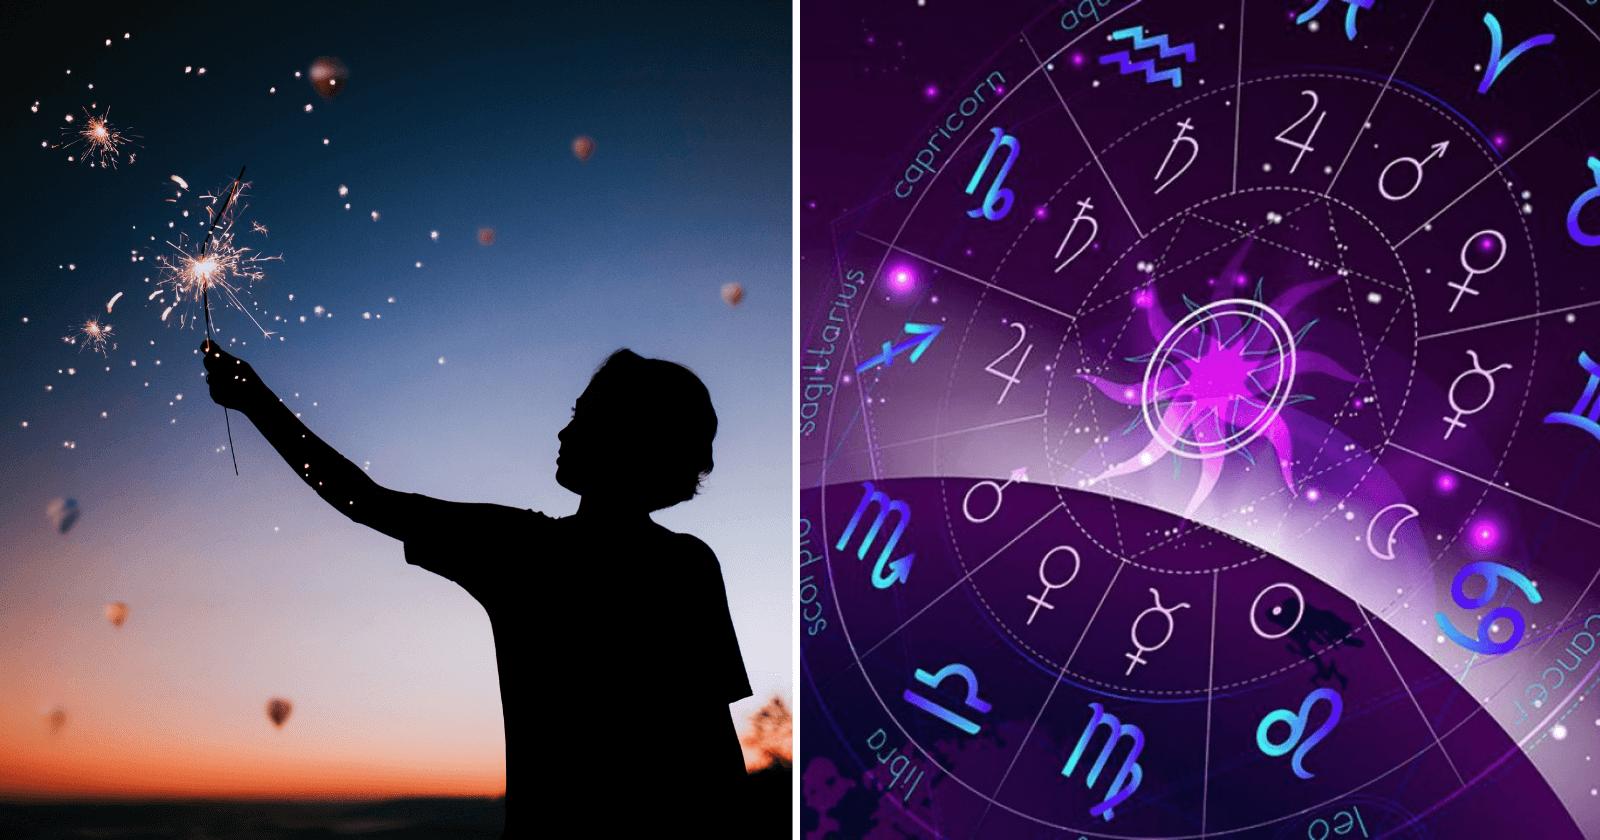 Horóscopo de hoje (30/10): O sábado será um dia intenso para esses signos!